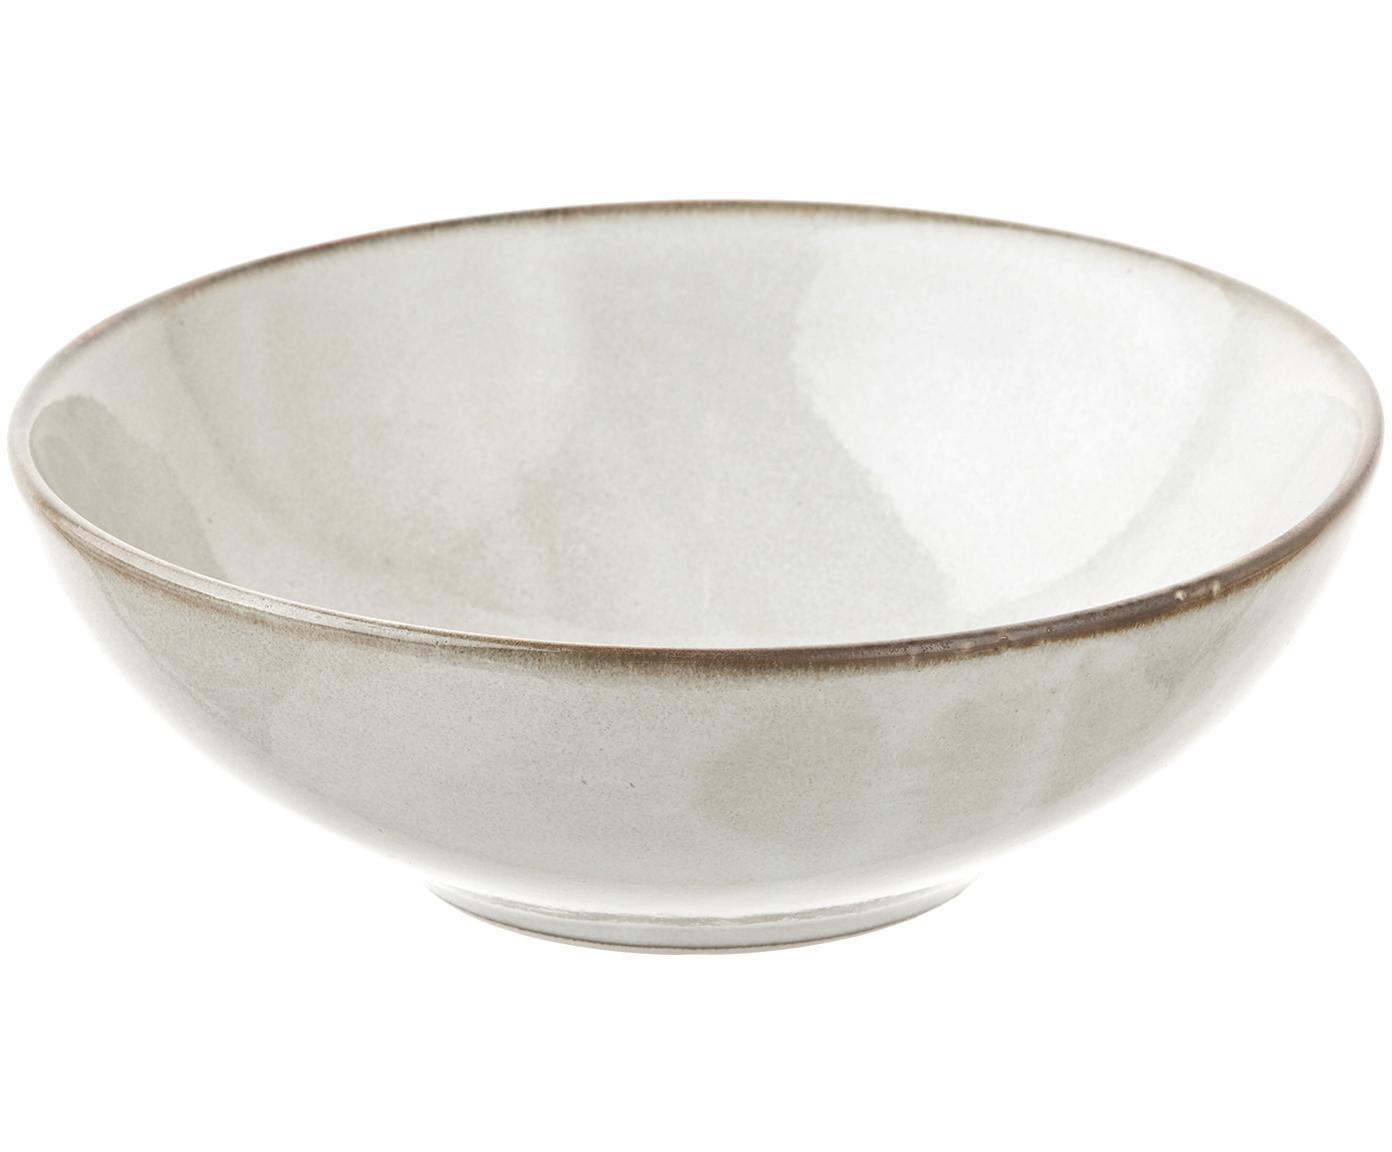 Ręcznie wykonany talerz głęboki Thalia, 2 szt., Ceramika, Kremowy z ciemną krawędzią, Ø 18 x W 6 cm